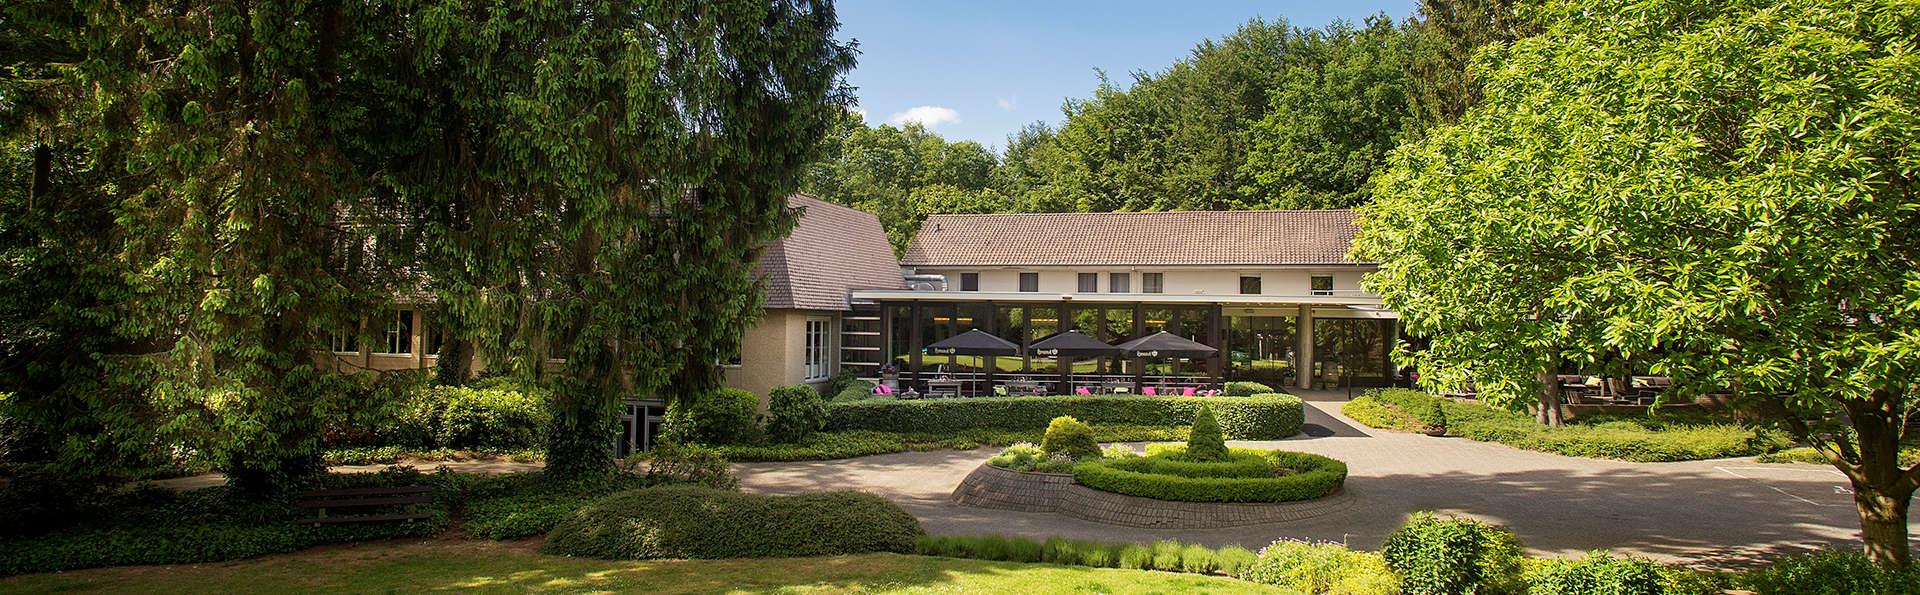 Bilderberg Hotel 't Speulderbos - edit_new_garden.jpg